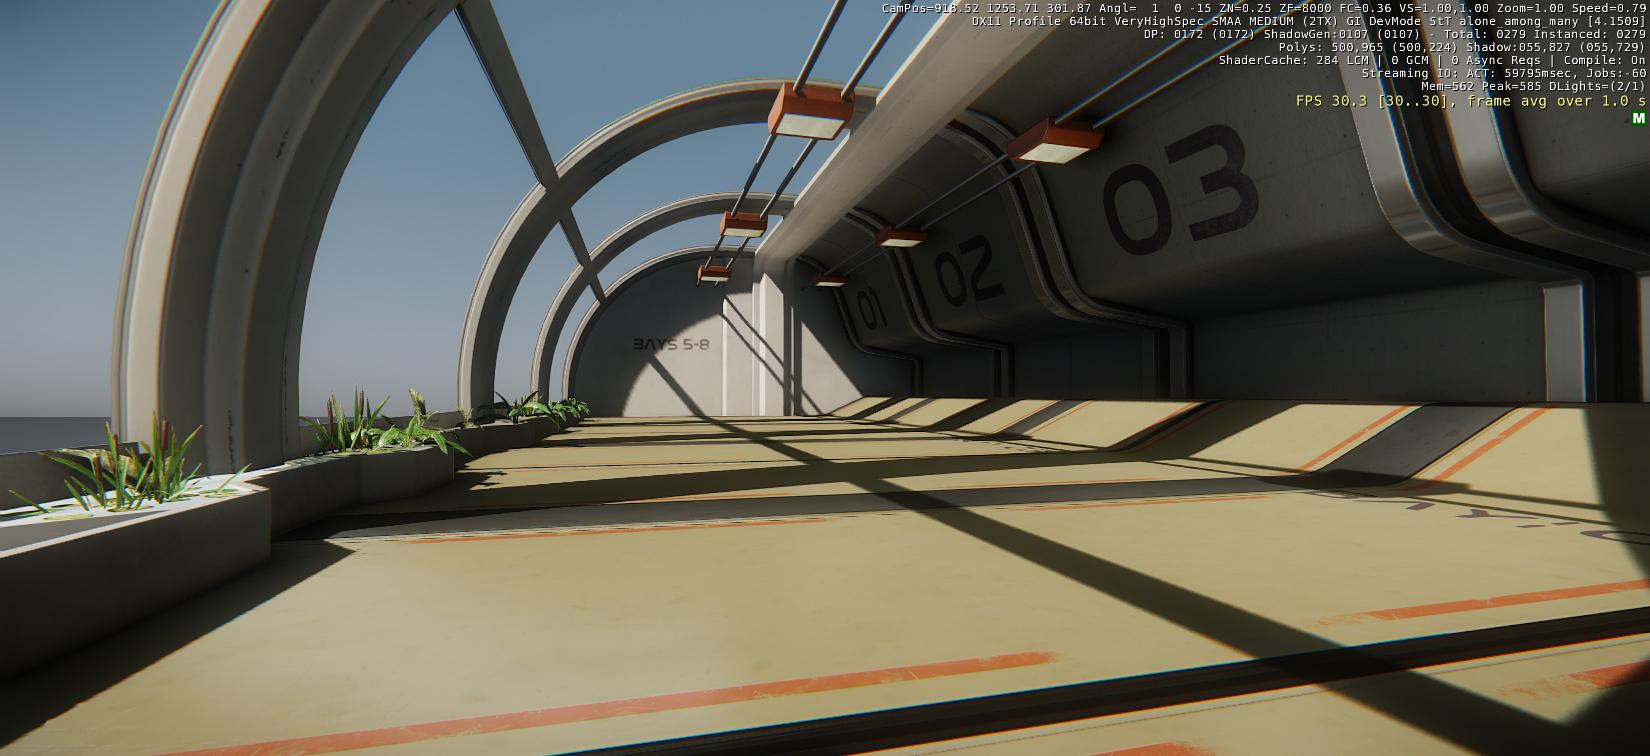 screenshots10ixhc.jpg